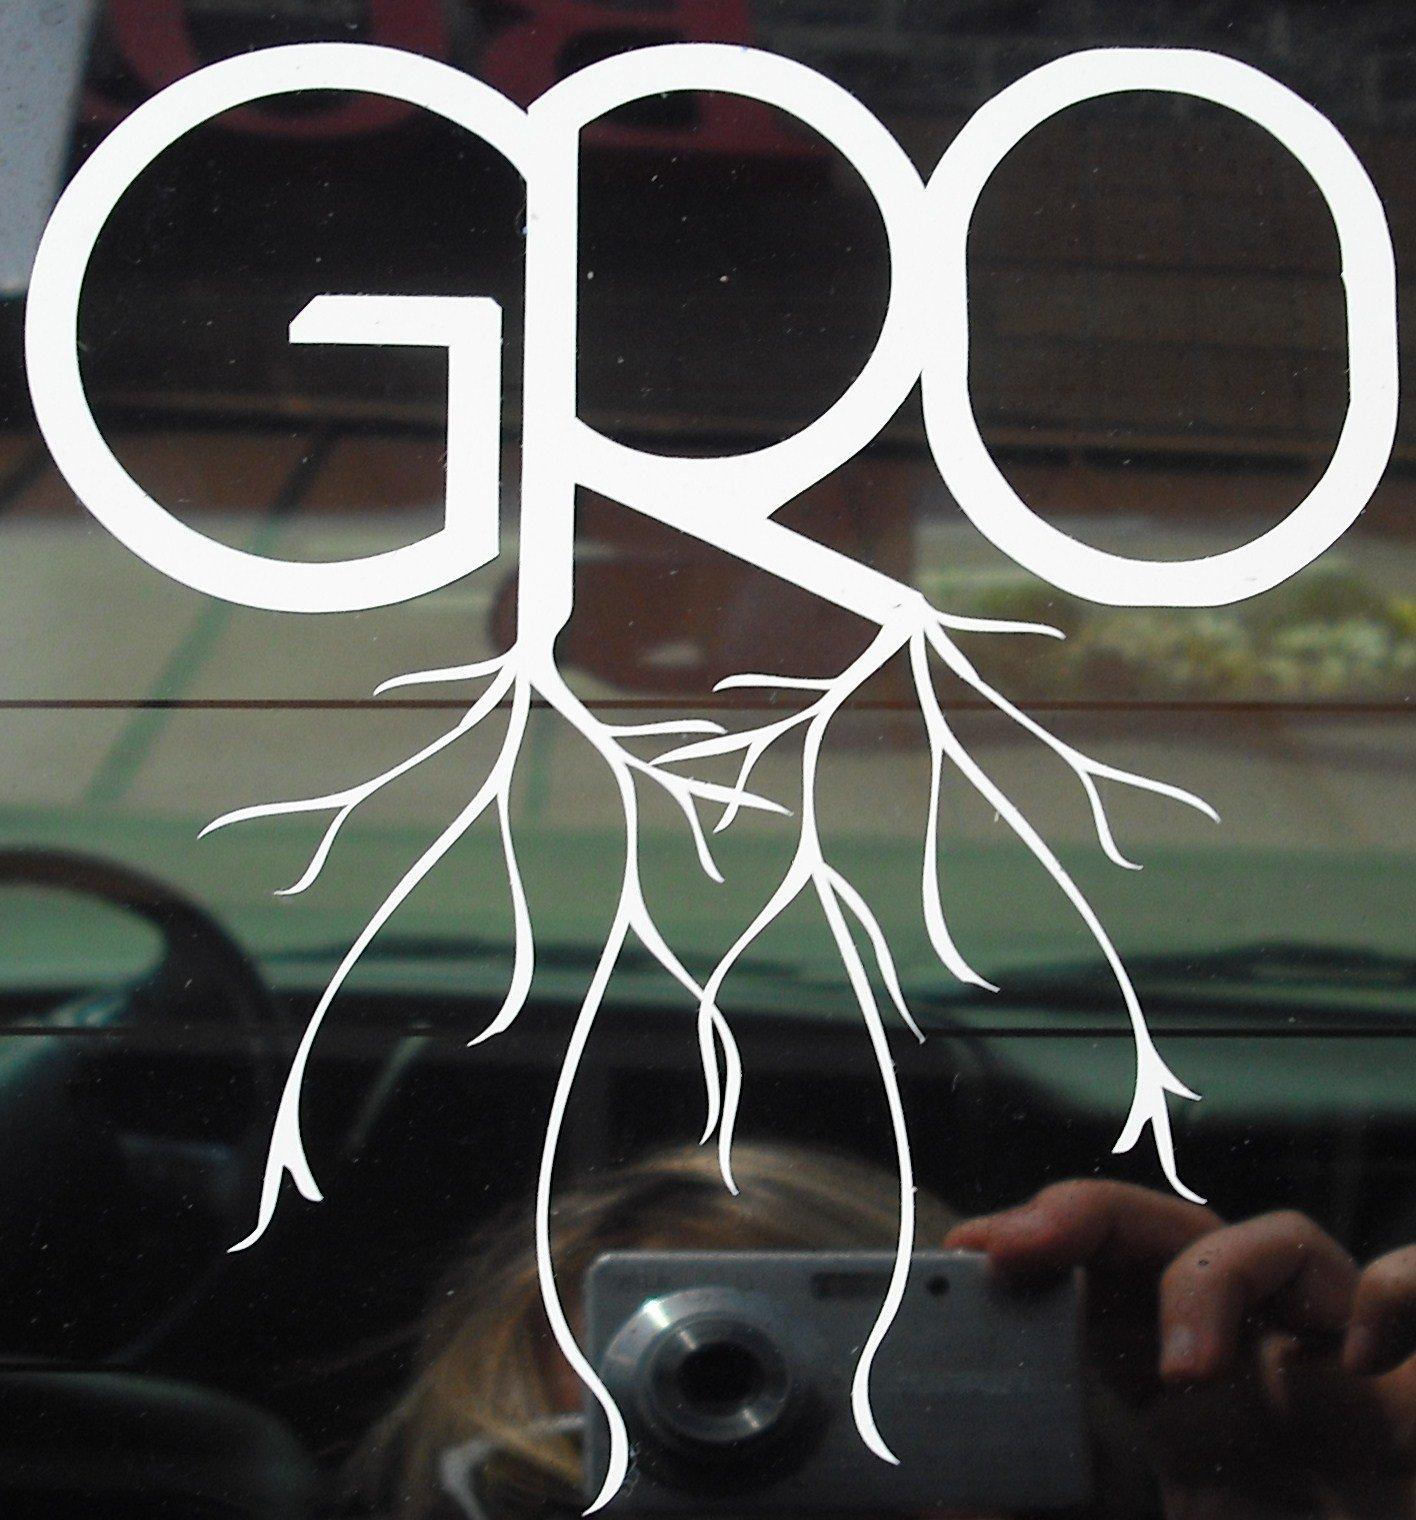 GRO sticker